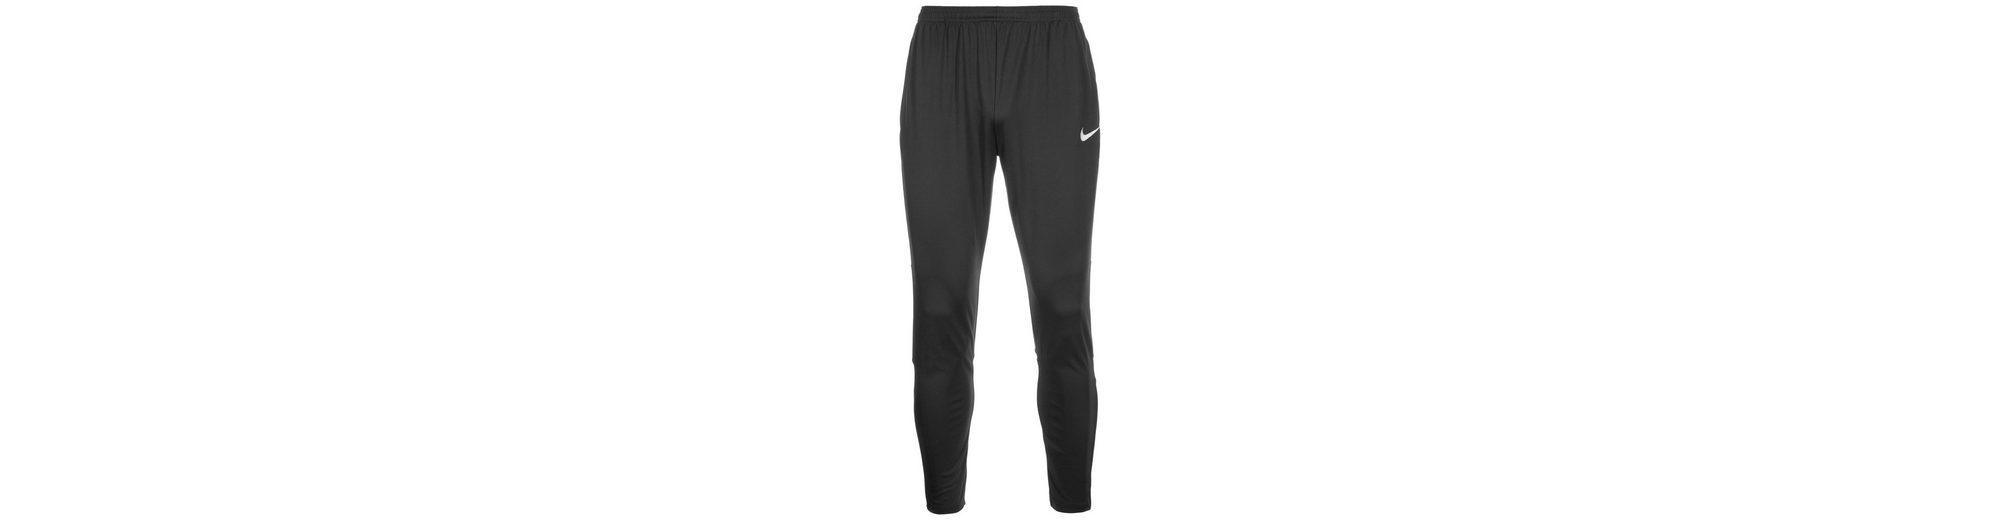 Nike Dry Academy Trainingshose Herren Kosten Günstiger Preis Spielraum Fabrikverkauf Ausgang Wählen Eine Beste 2018 Günstiger Preis 9sUJpxFR